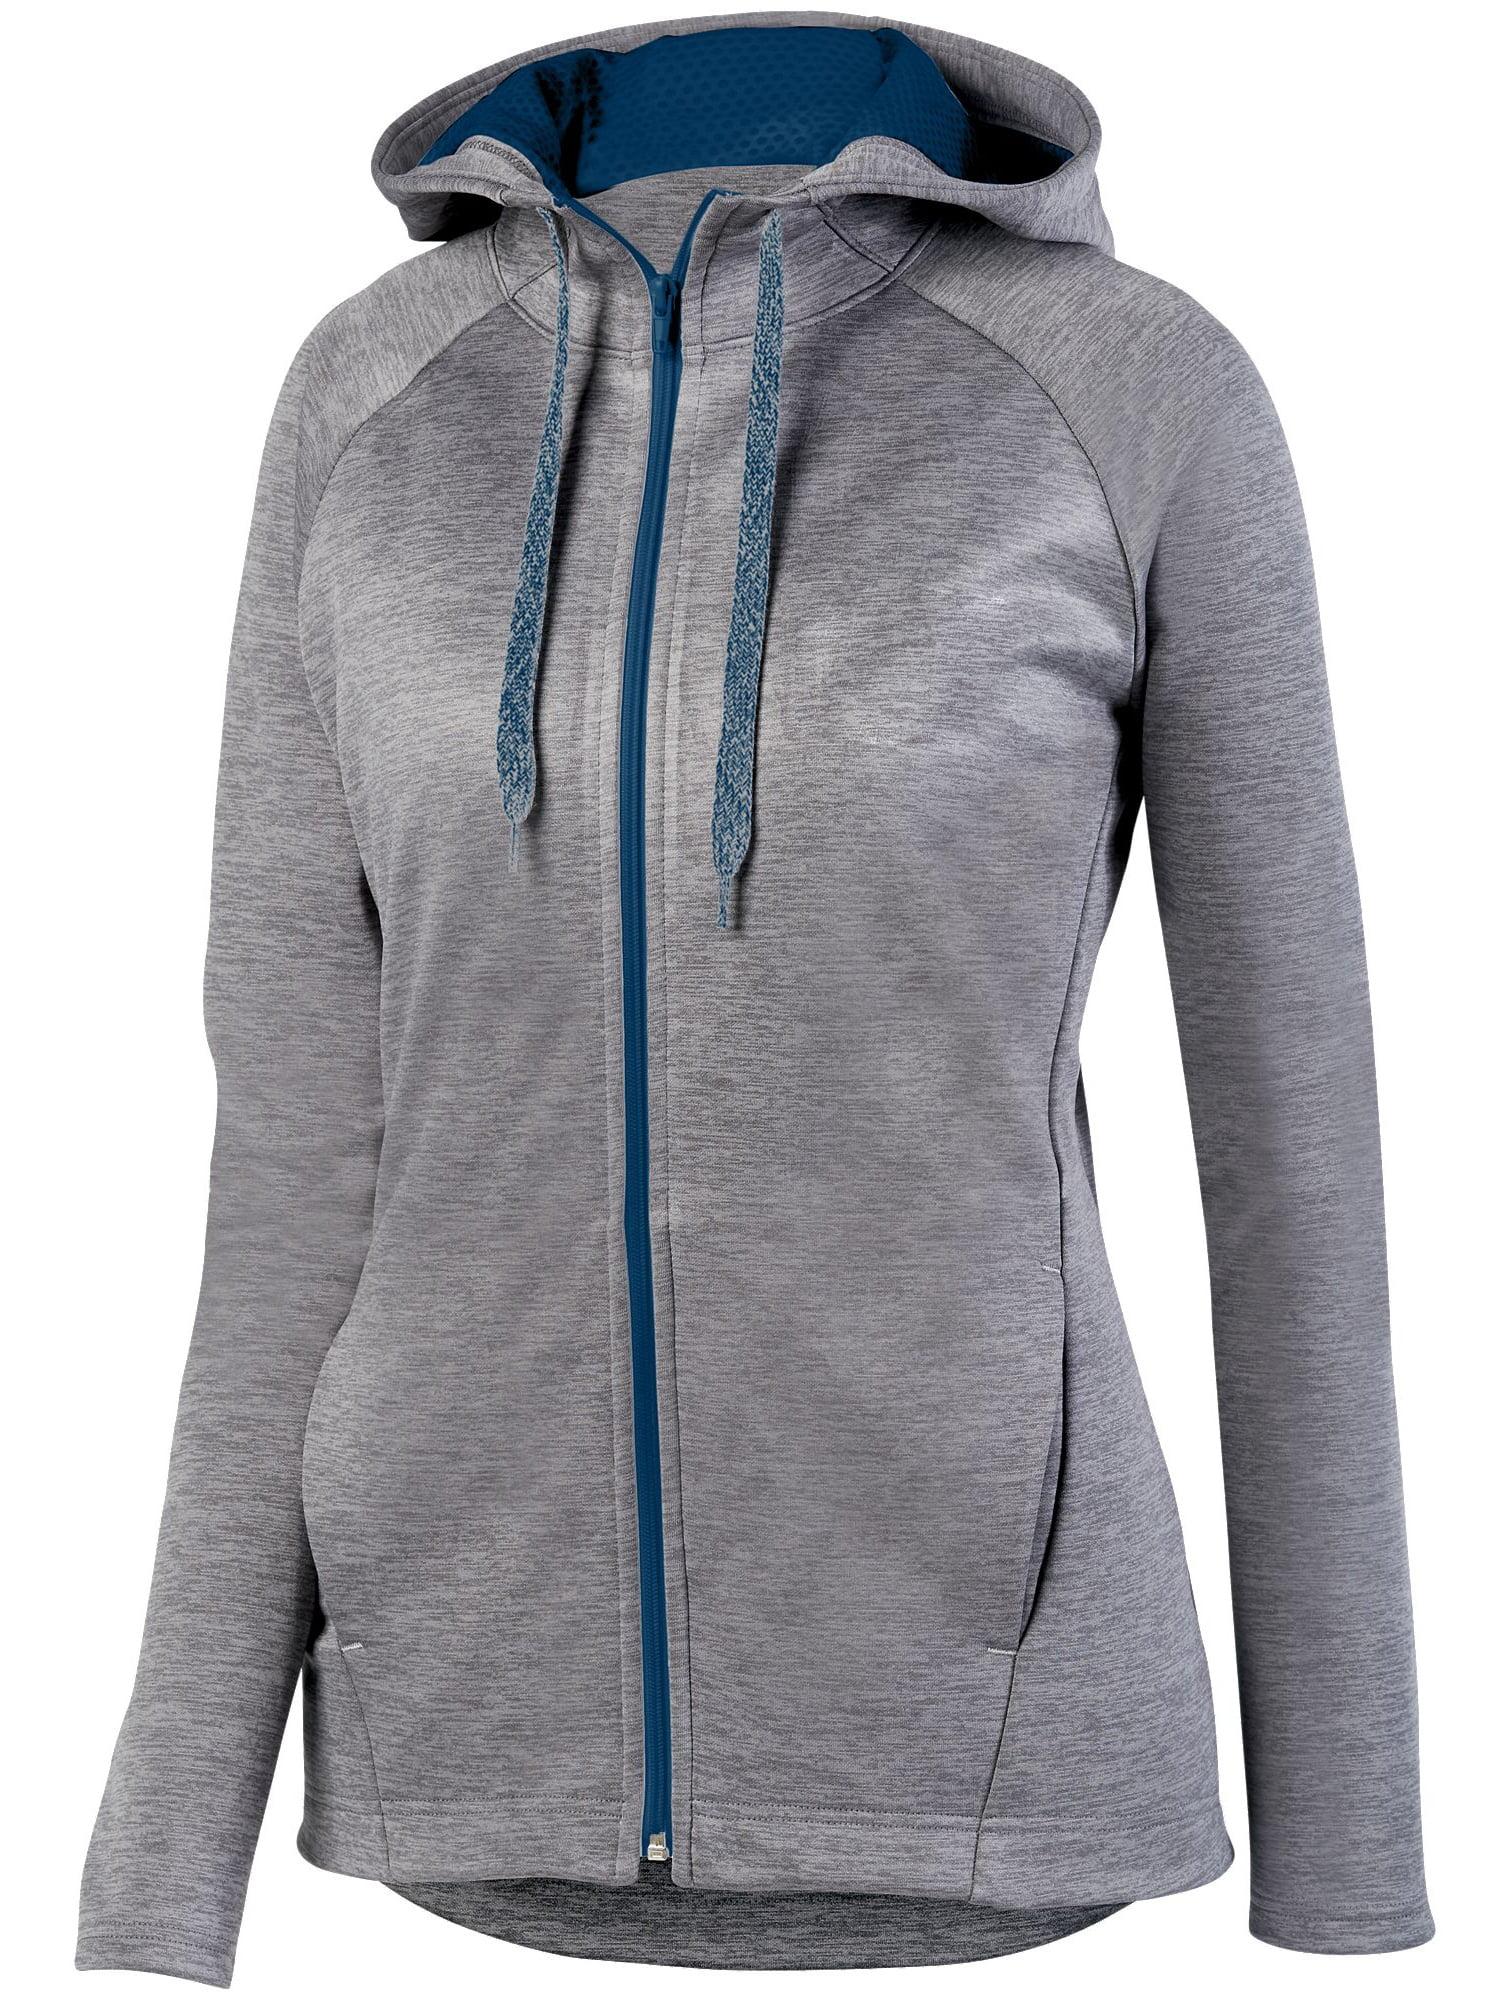 Augusta Sportswear Women's Zoe Tonal Heather Full Zip Hoody 5558